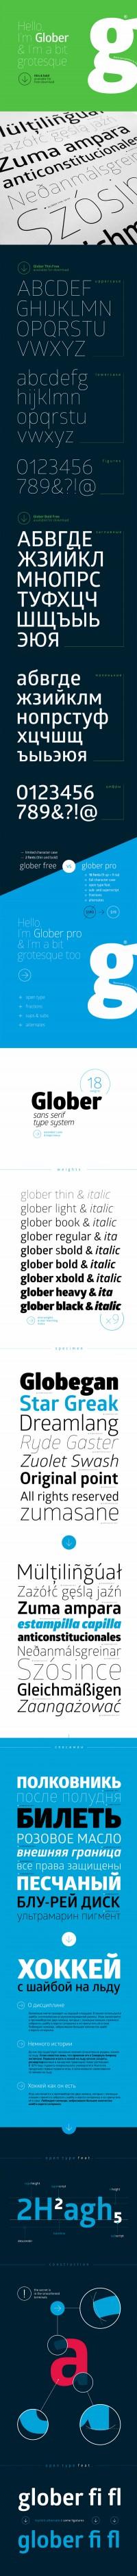 Glober Free Font - FreebiesXpress